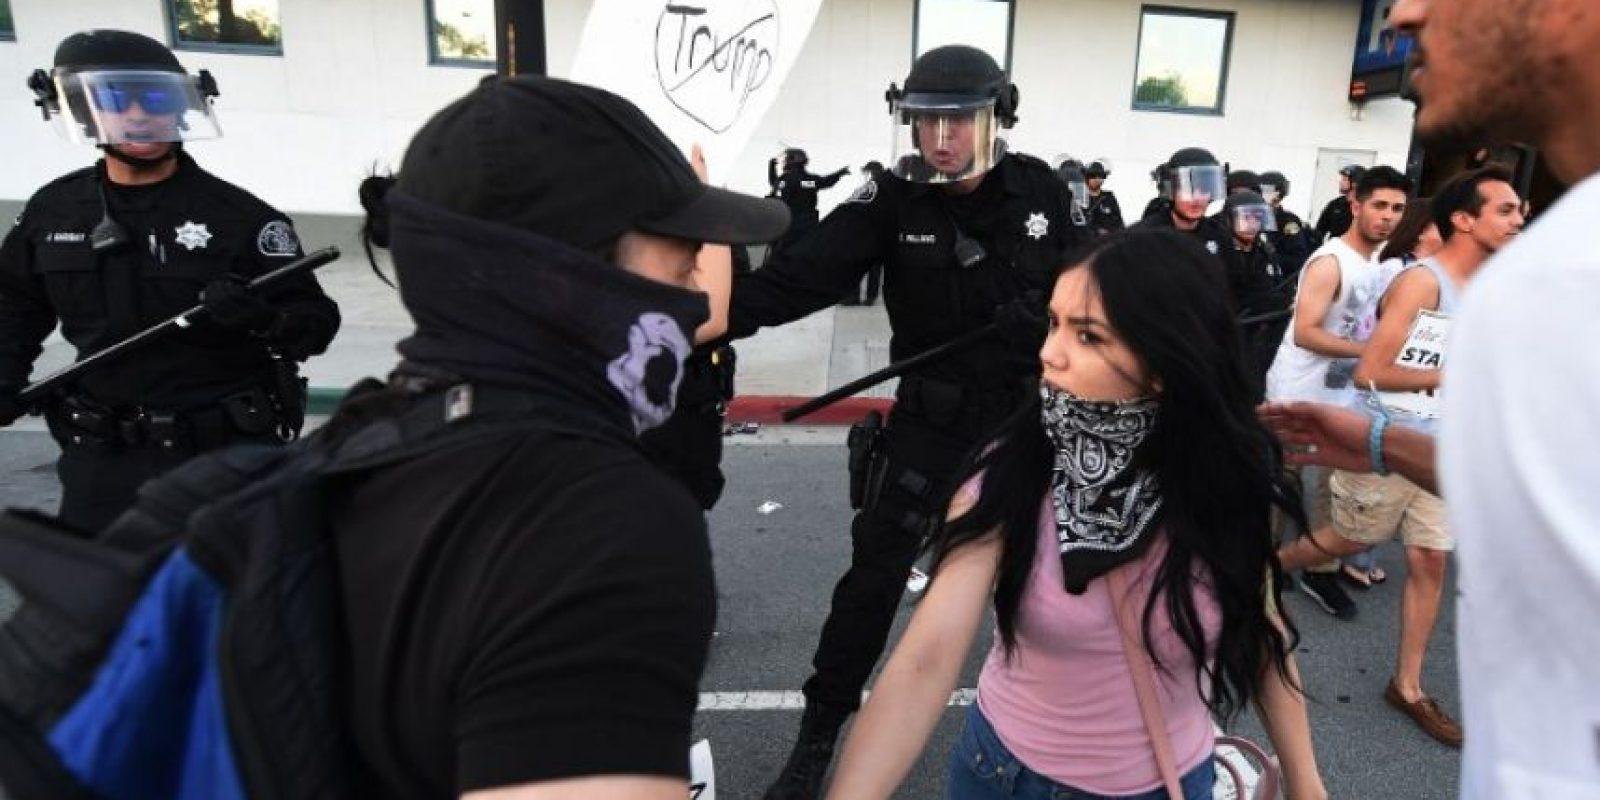 Los detractores de Trump esperaron a sus simpatizantes al salir del Centro de Convenciones de San José, el pasado jueves Foto:AFP